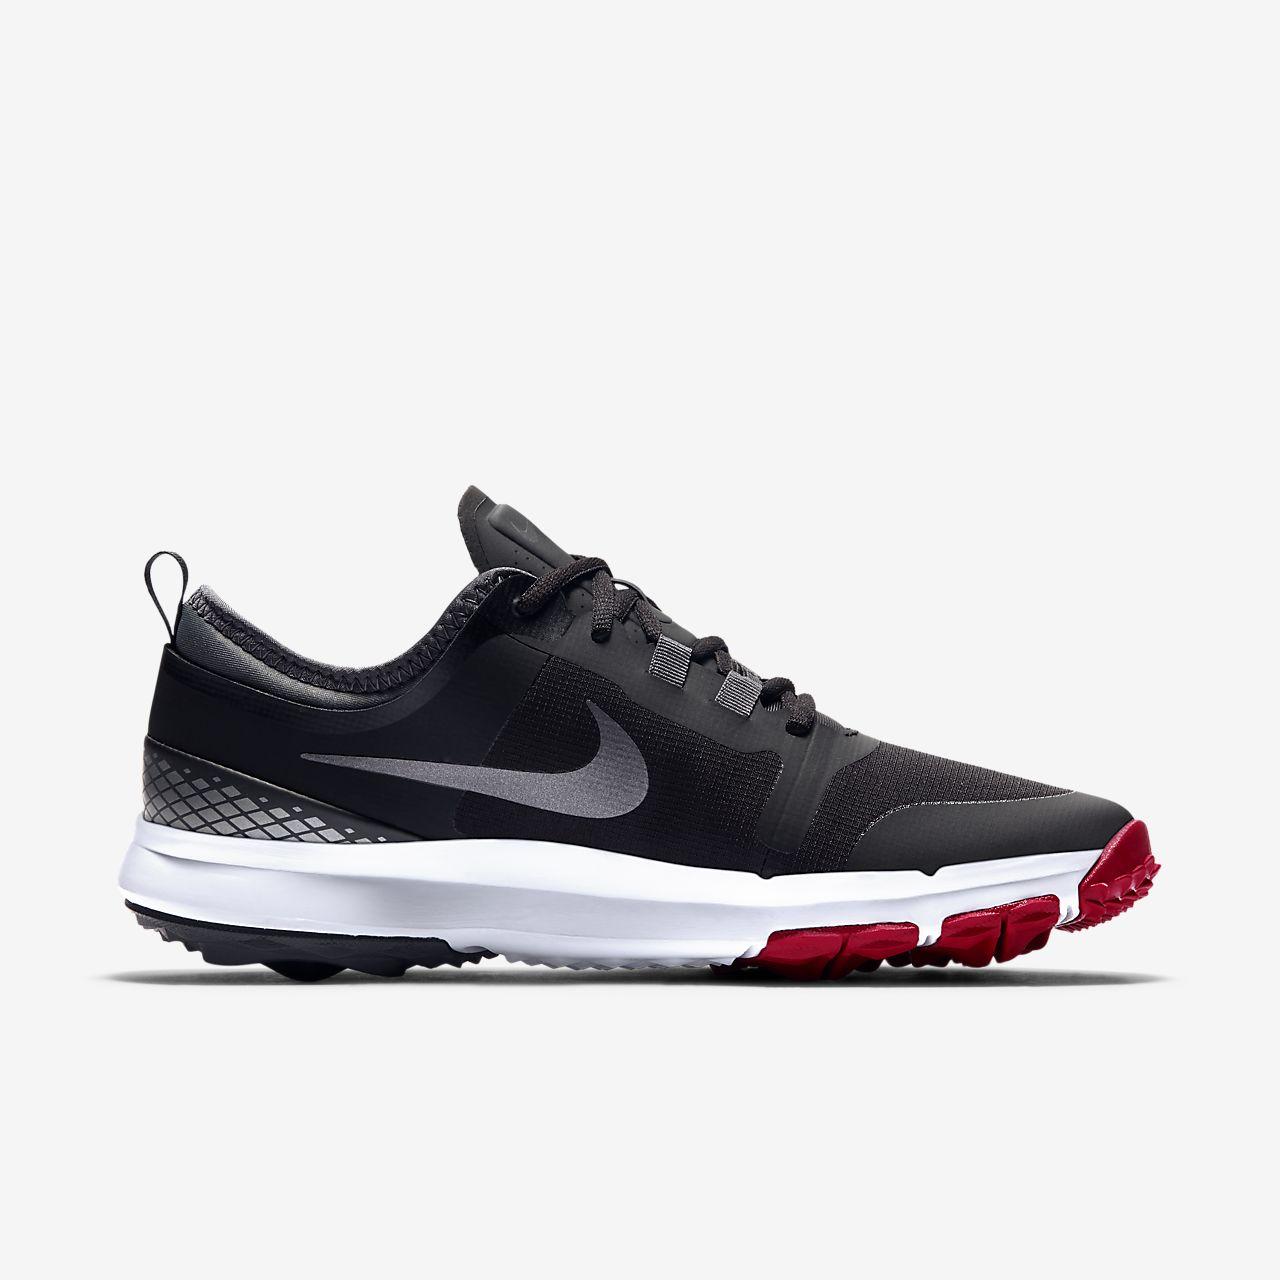 Chaussure de golf Nike FI Impact 2 pour Homme